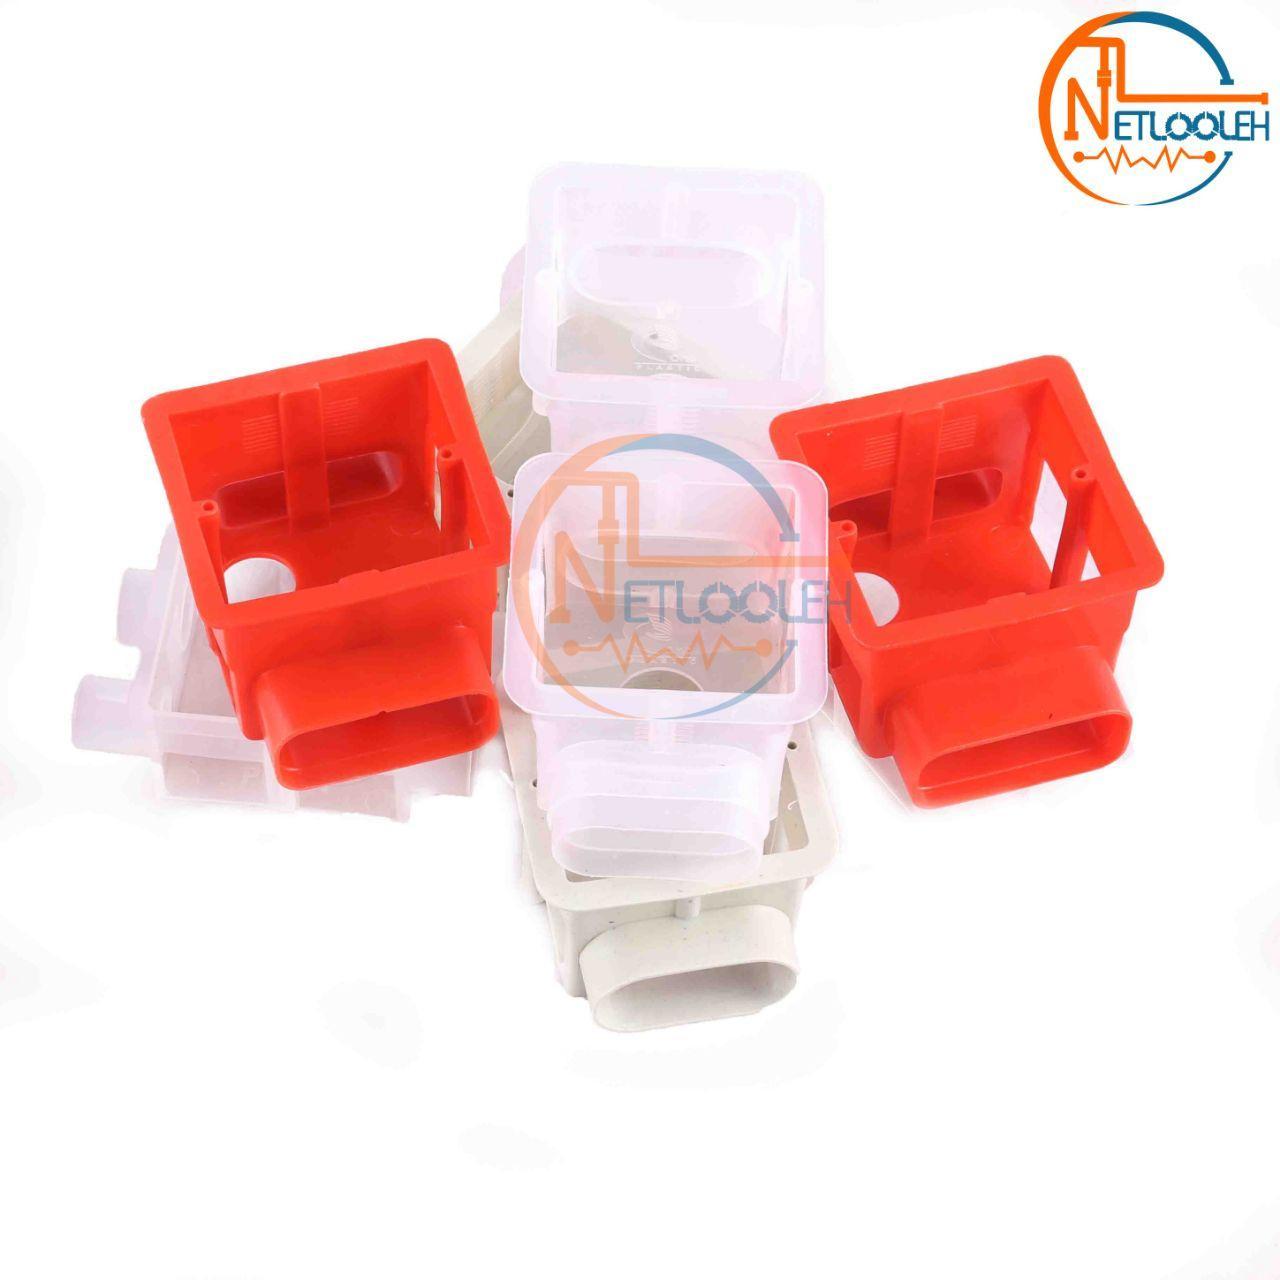 قوطی کلید مواد نو عمق 5 سانت در دو رنگ قرمز و سفید